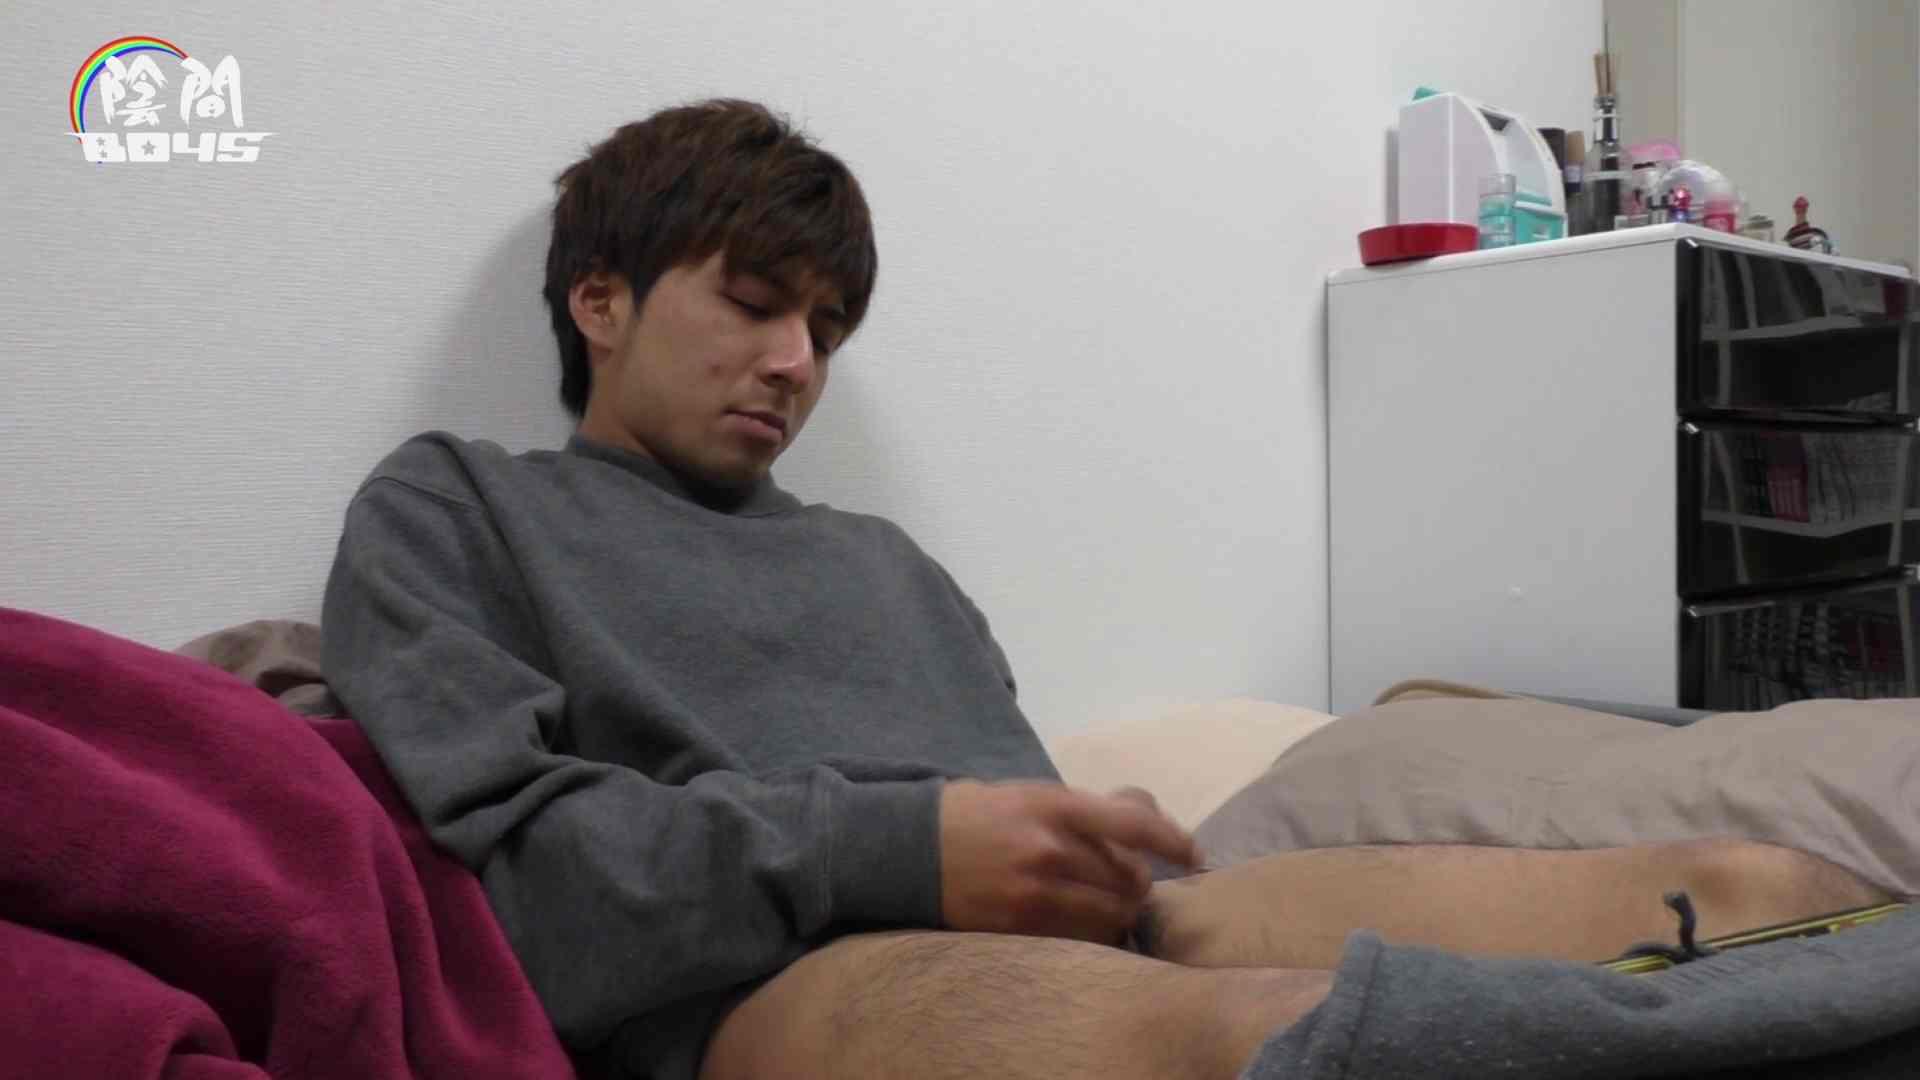 アナルは決して眠らない No.01 ザーメン  78枚 4